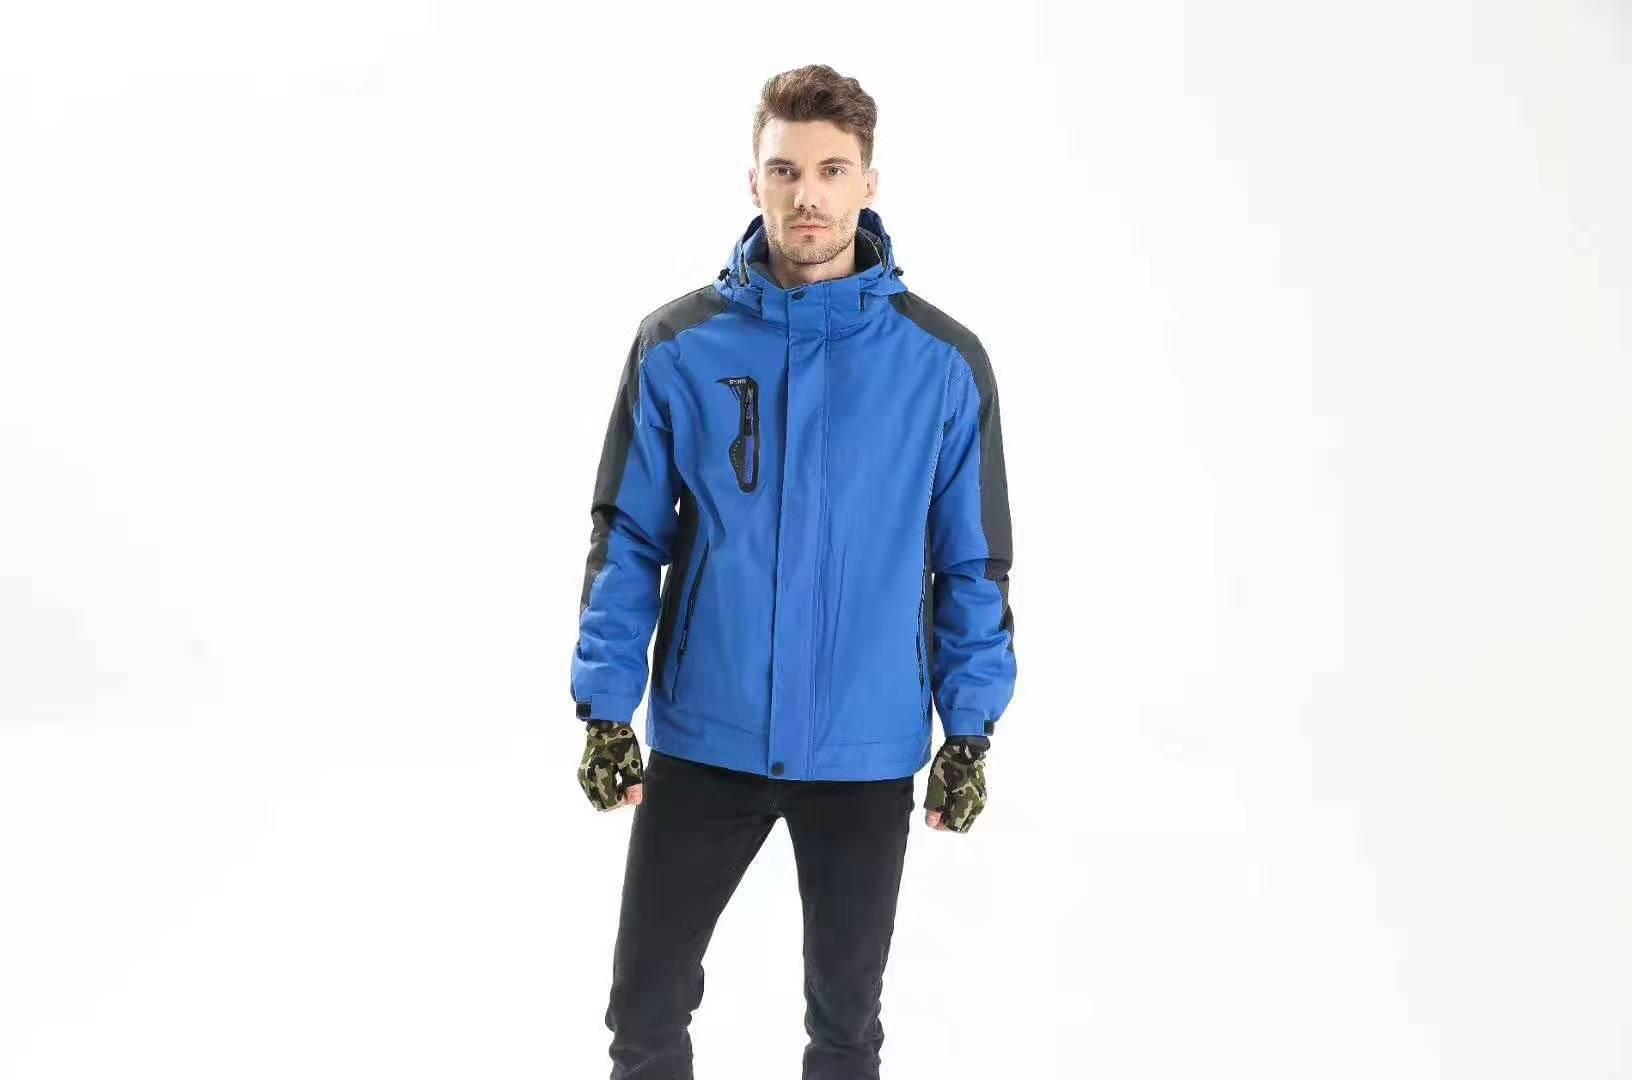 寧海沖鋒衣型號 信息推薦「寧波市寧森服飾供應」